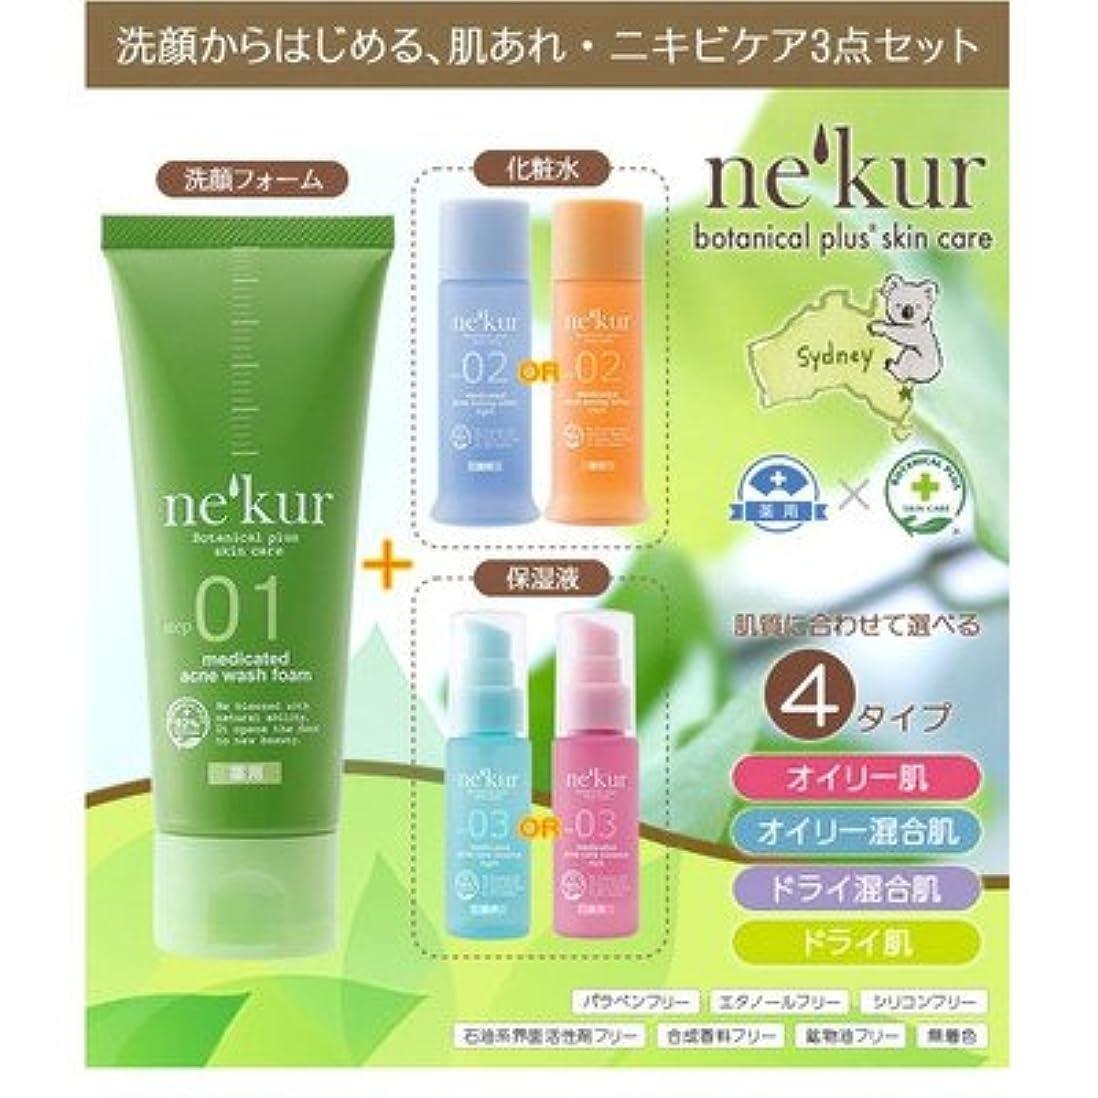 対立スロベニアシアーネクア(nekur) ボタニカルプラススキンケア 薬用アクネ洗顔3点セット オイリー肌セット( 画像はイメージ画像です お届けの商品はオイリー肌セットのみとなります)